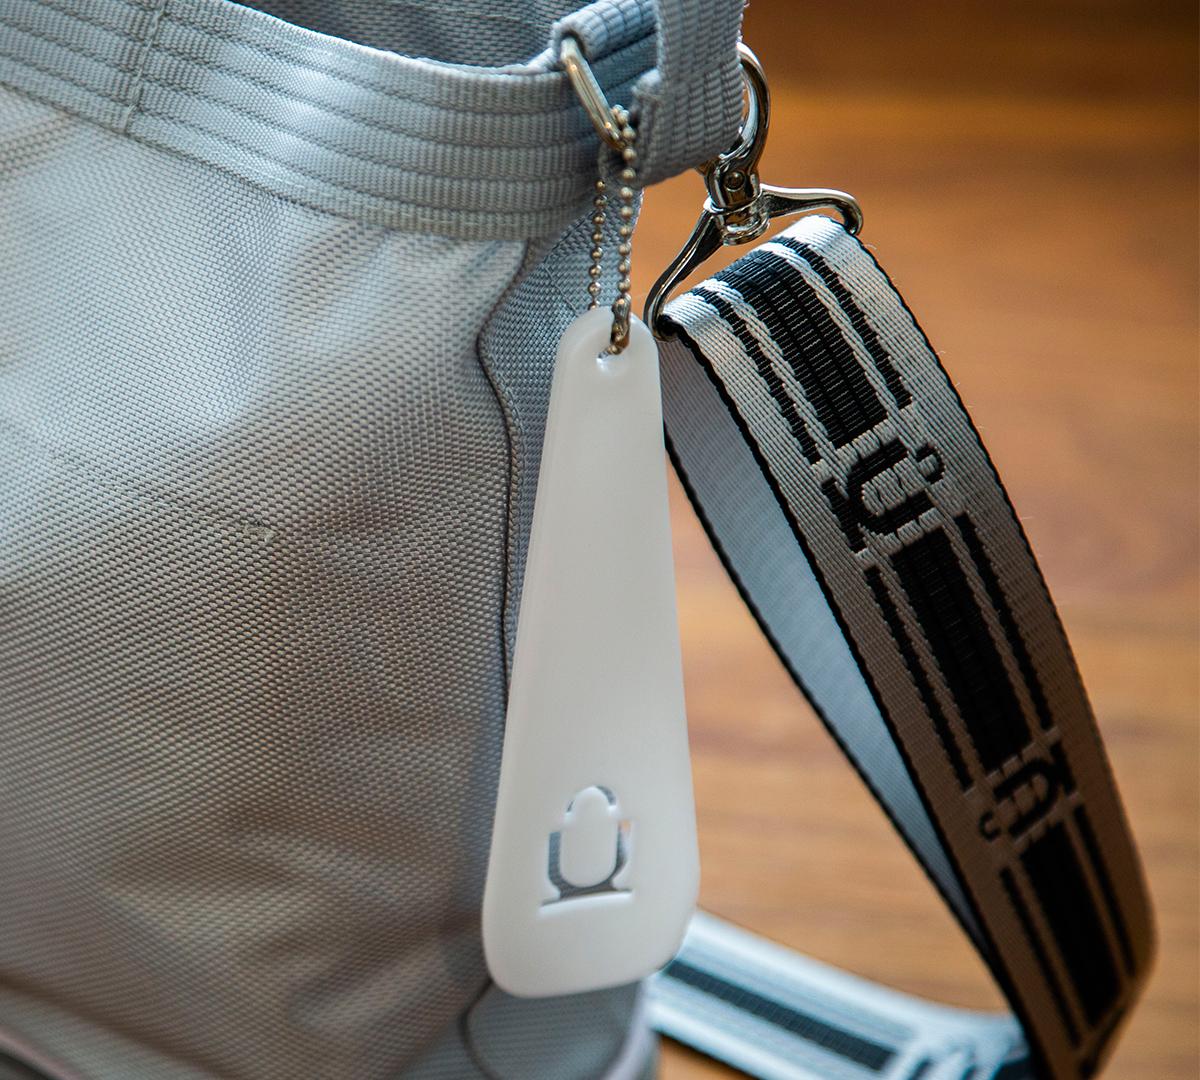 スニーカーソールを履いたバッグ、ということで「靴べら」としても使えるOKERUオリジナルストラップが付属。あの傑作スニーカーのエアソールを履いた「遊びトート」| OKERU MONOCO限定